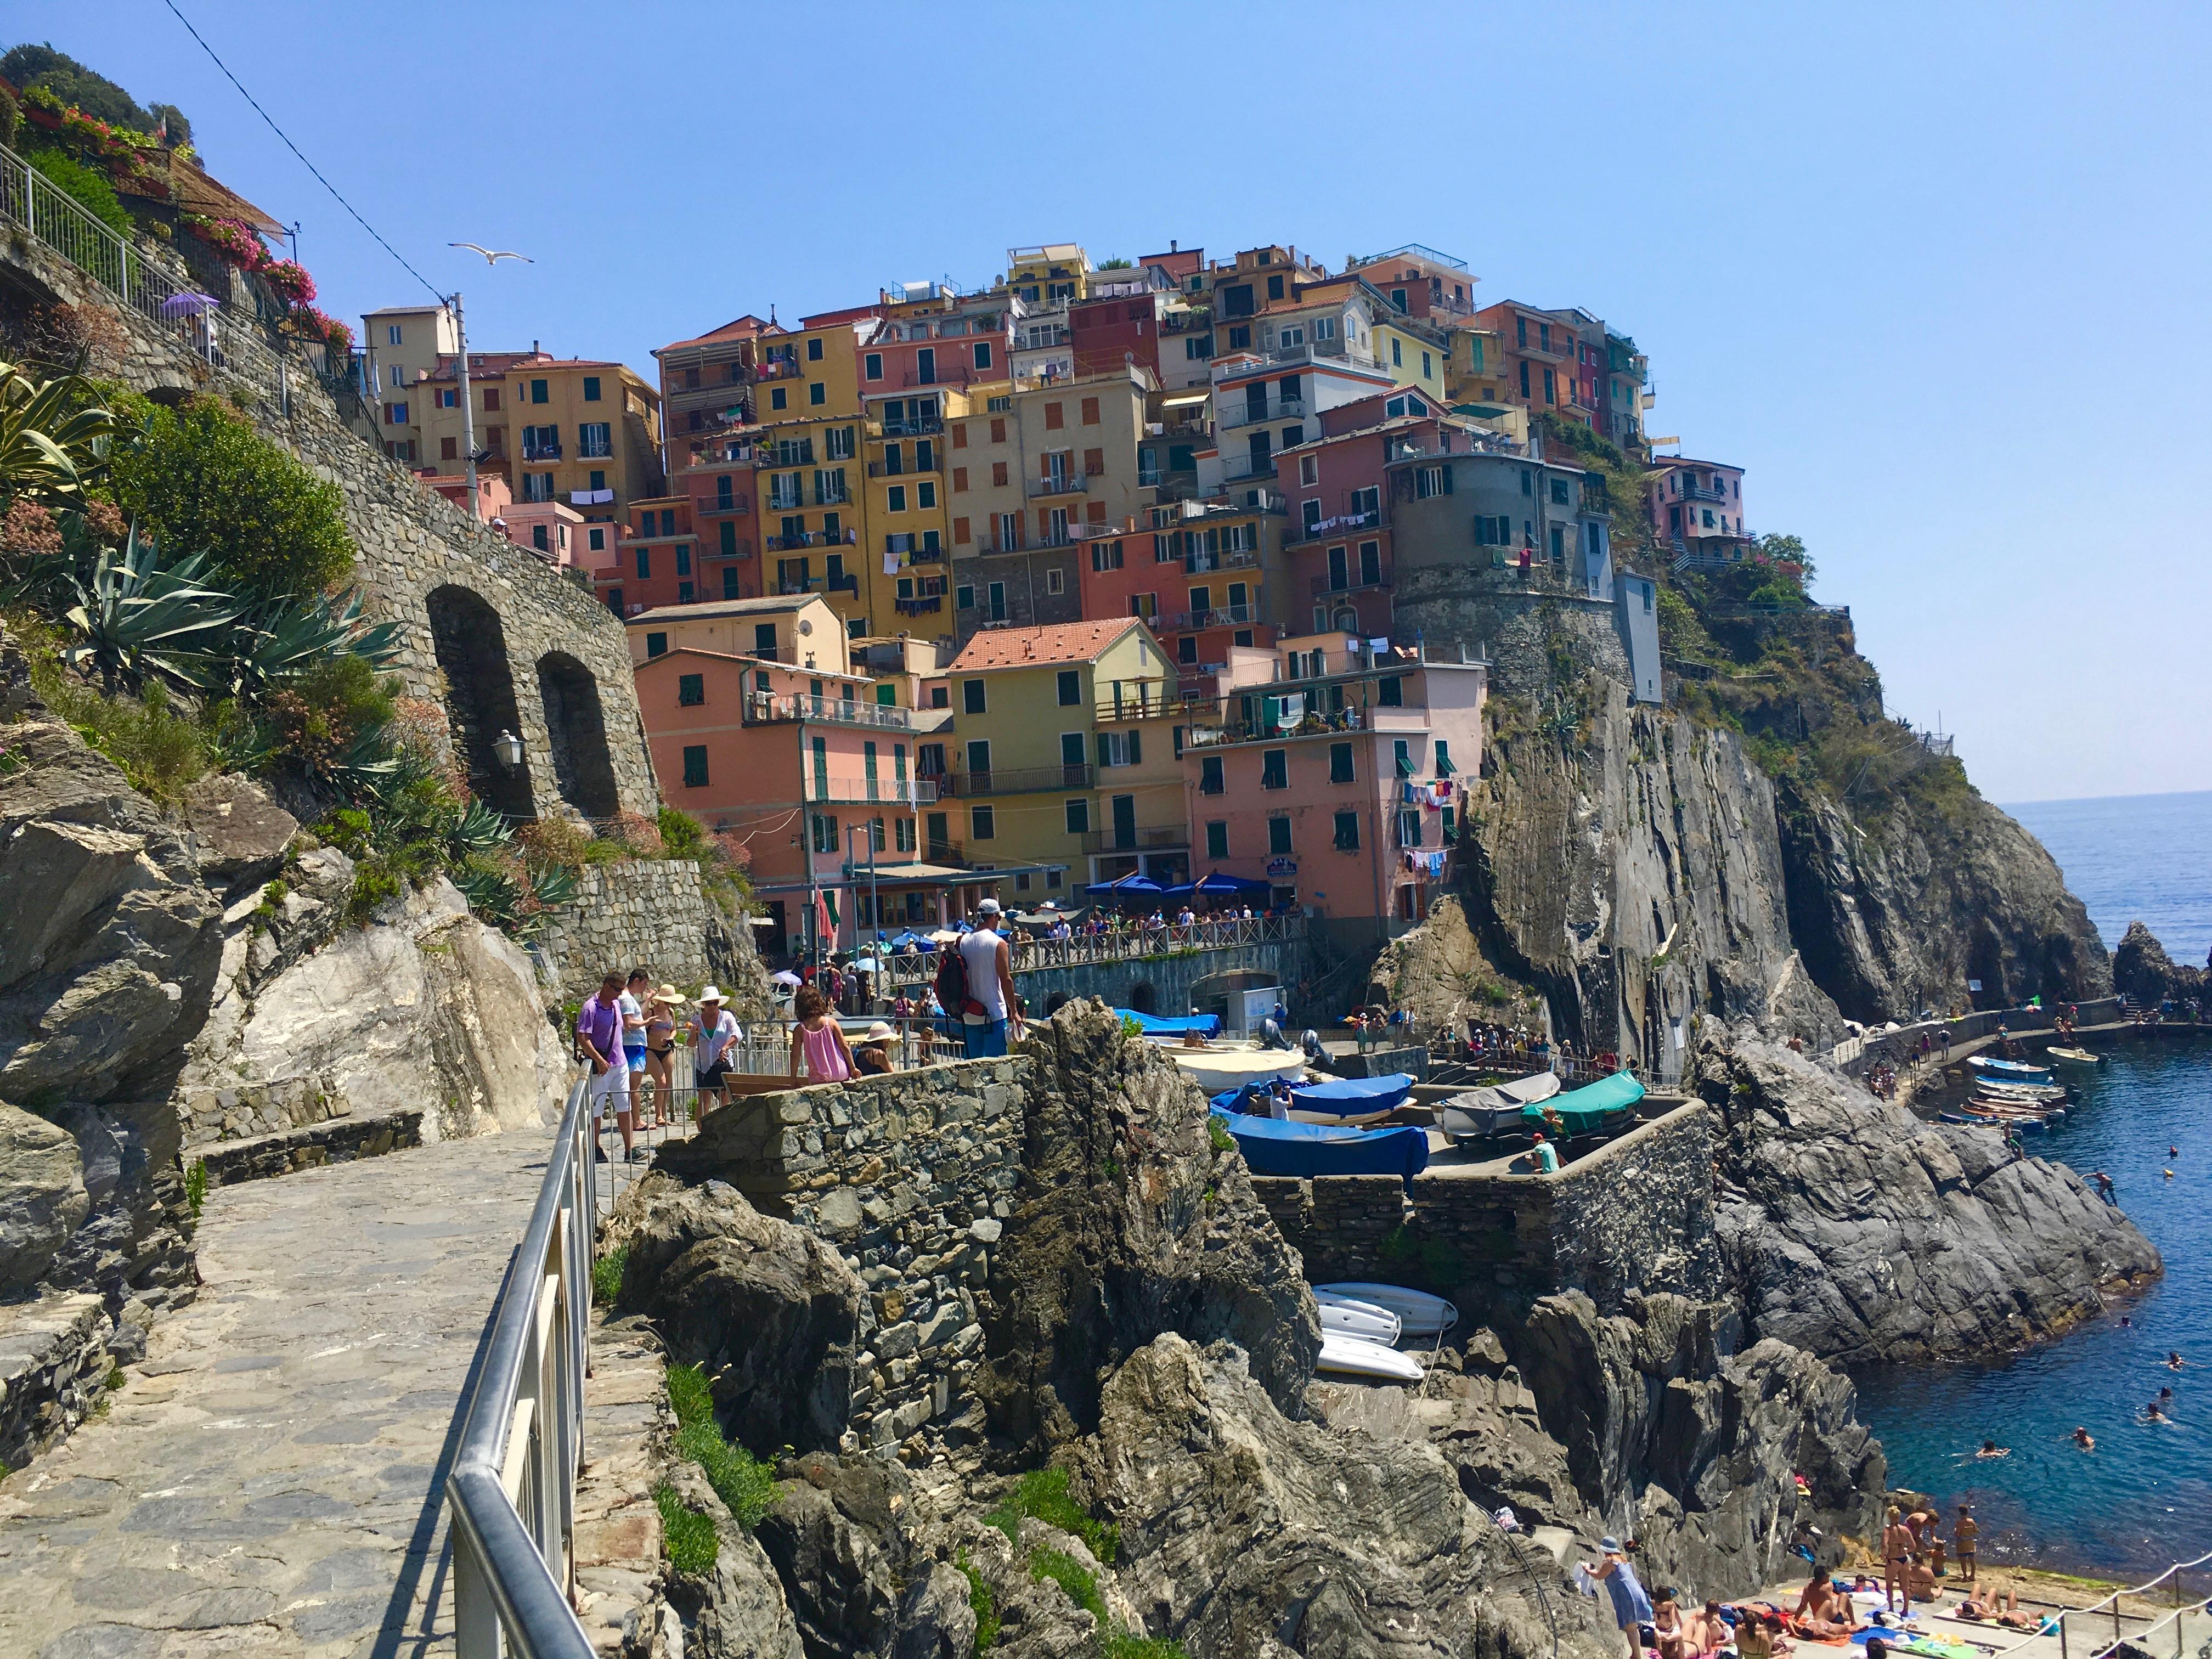 zwiedzanie Ligurii i Cinque Terre